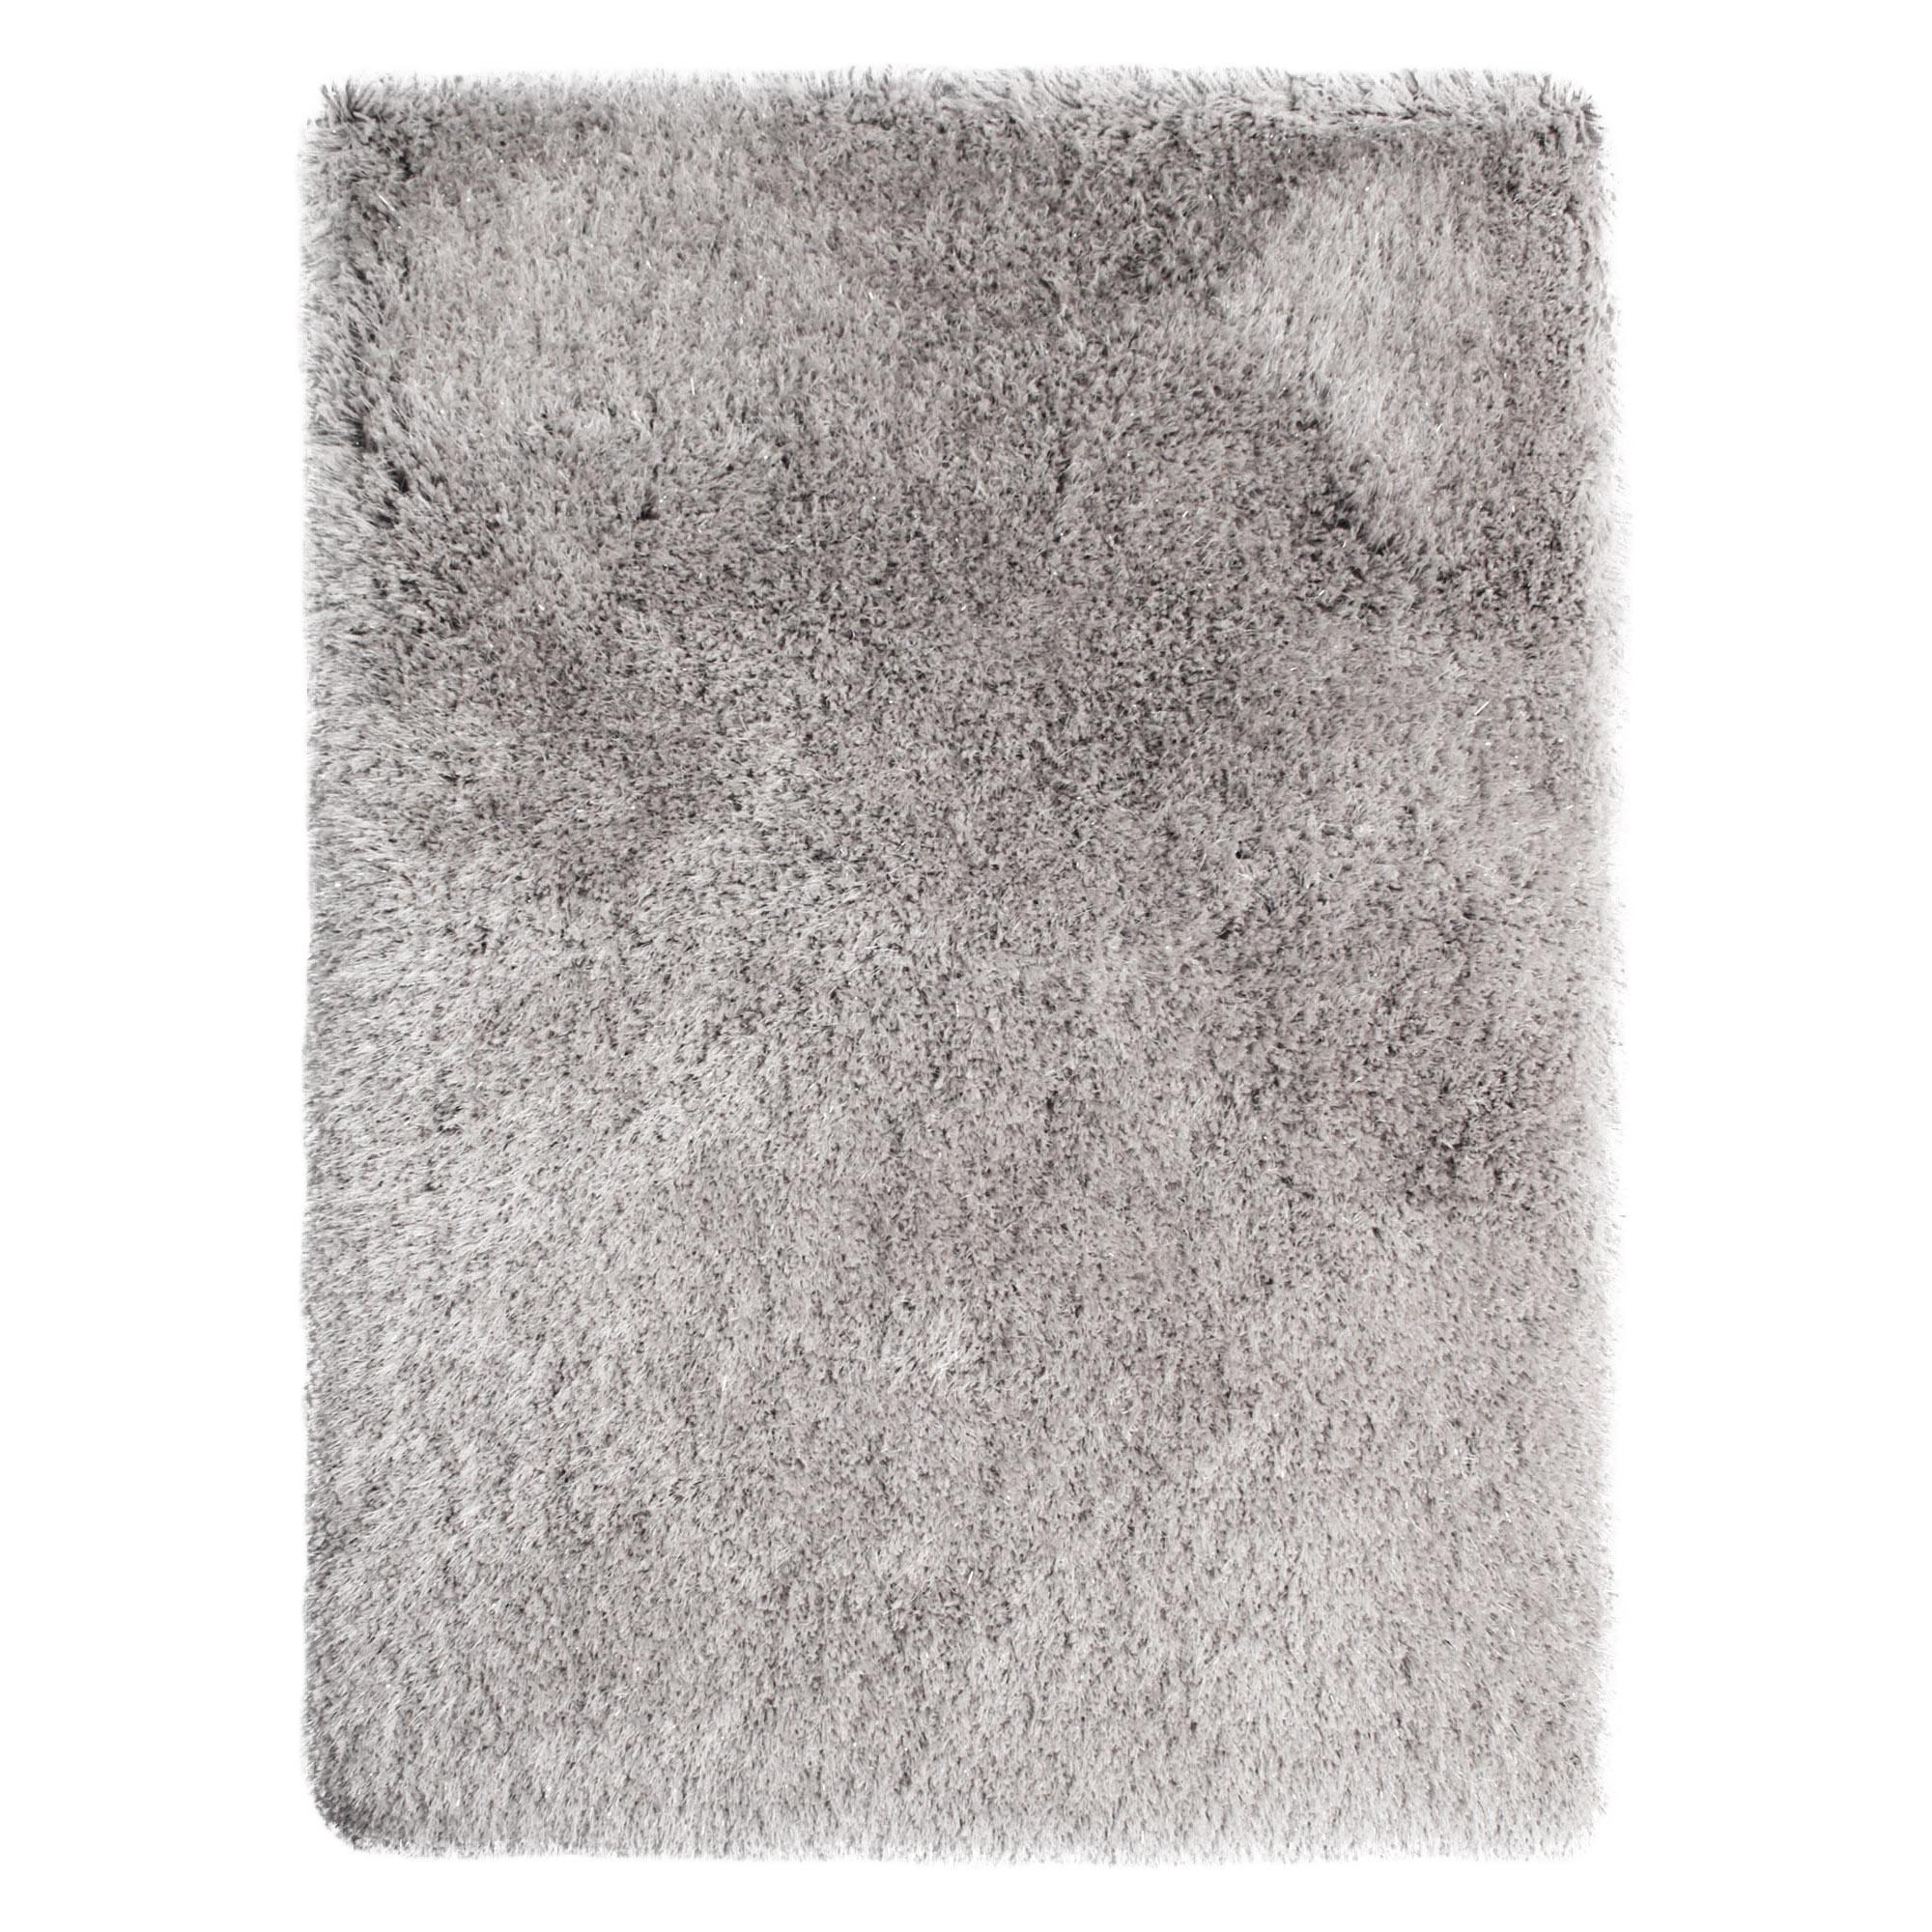 gem sparkle shaggy rug OCNHCGR